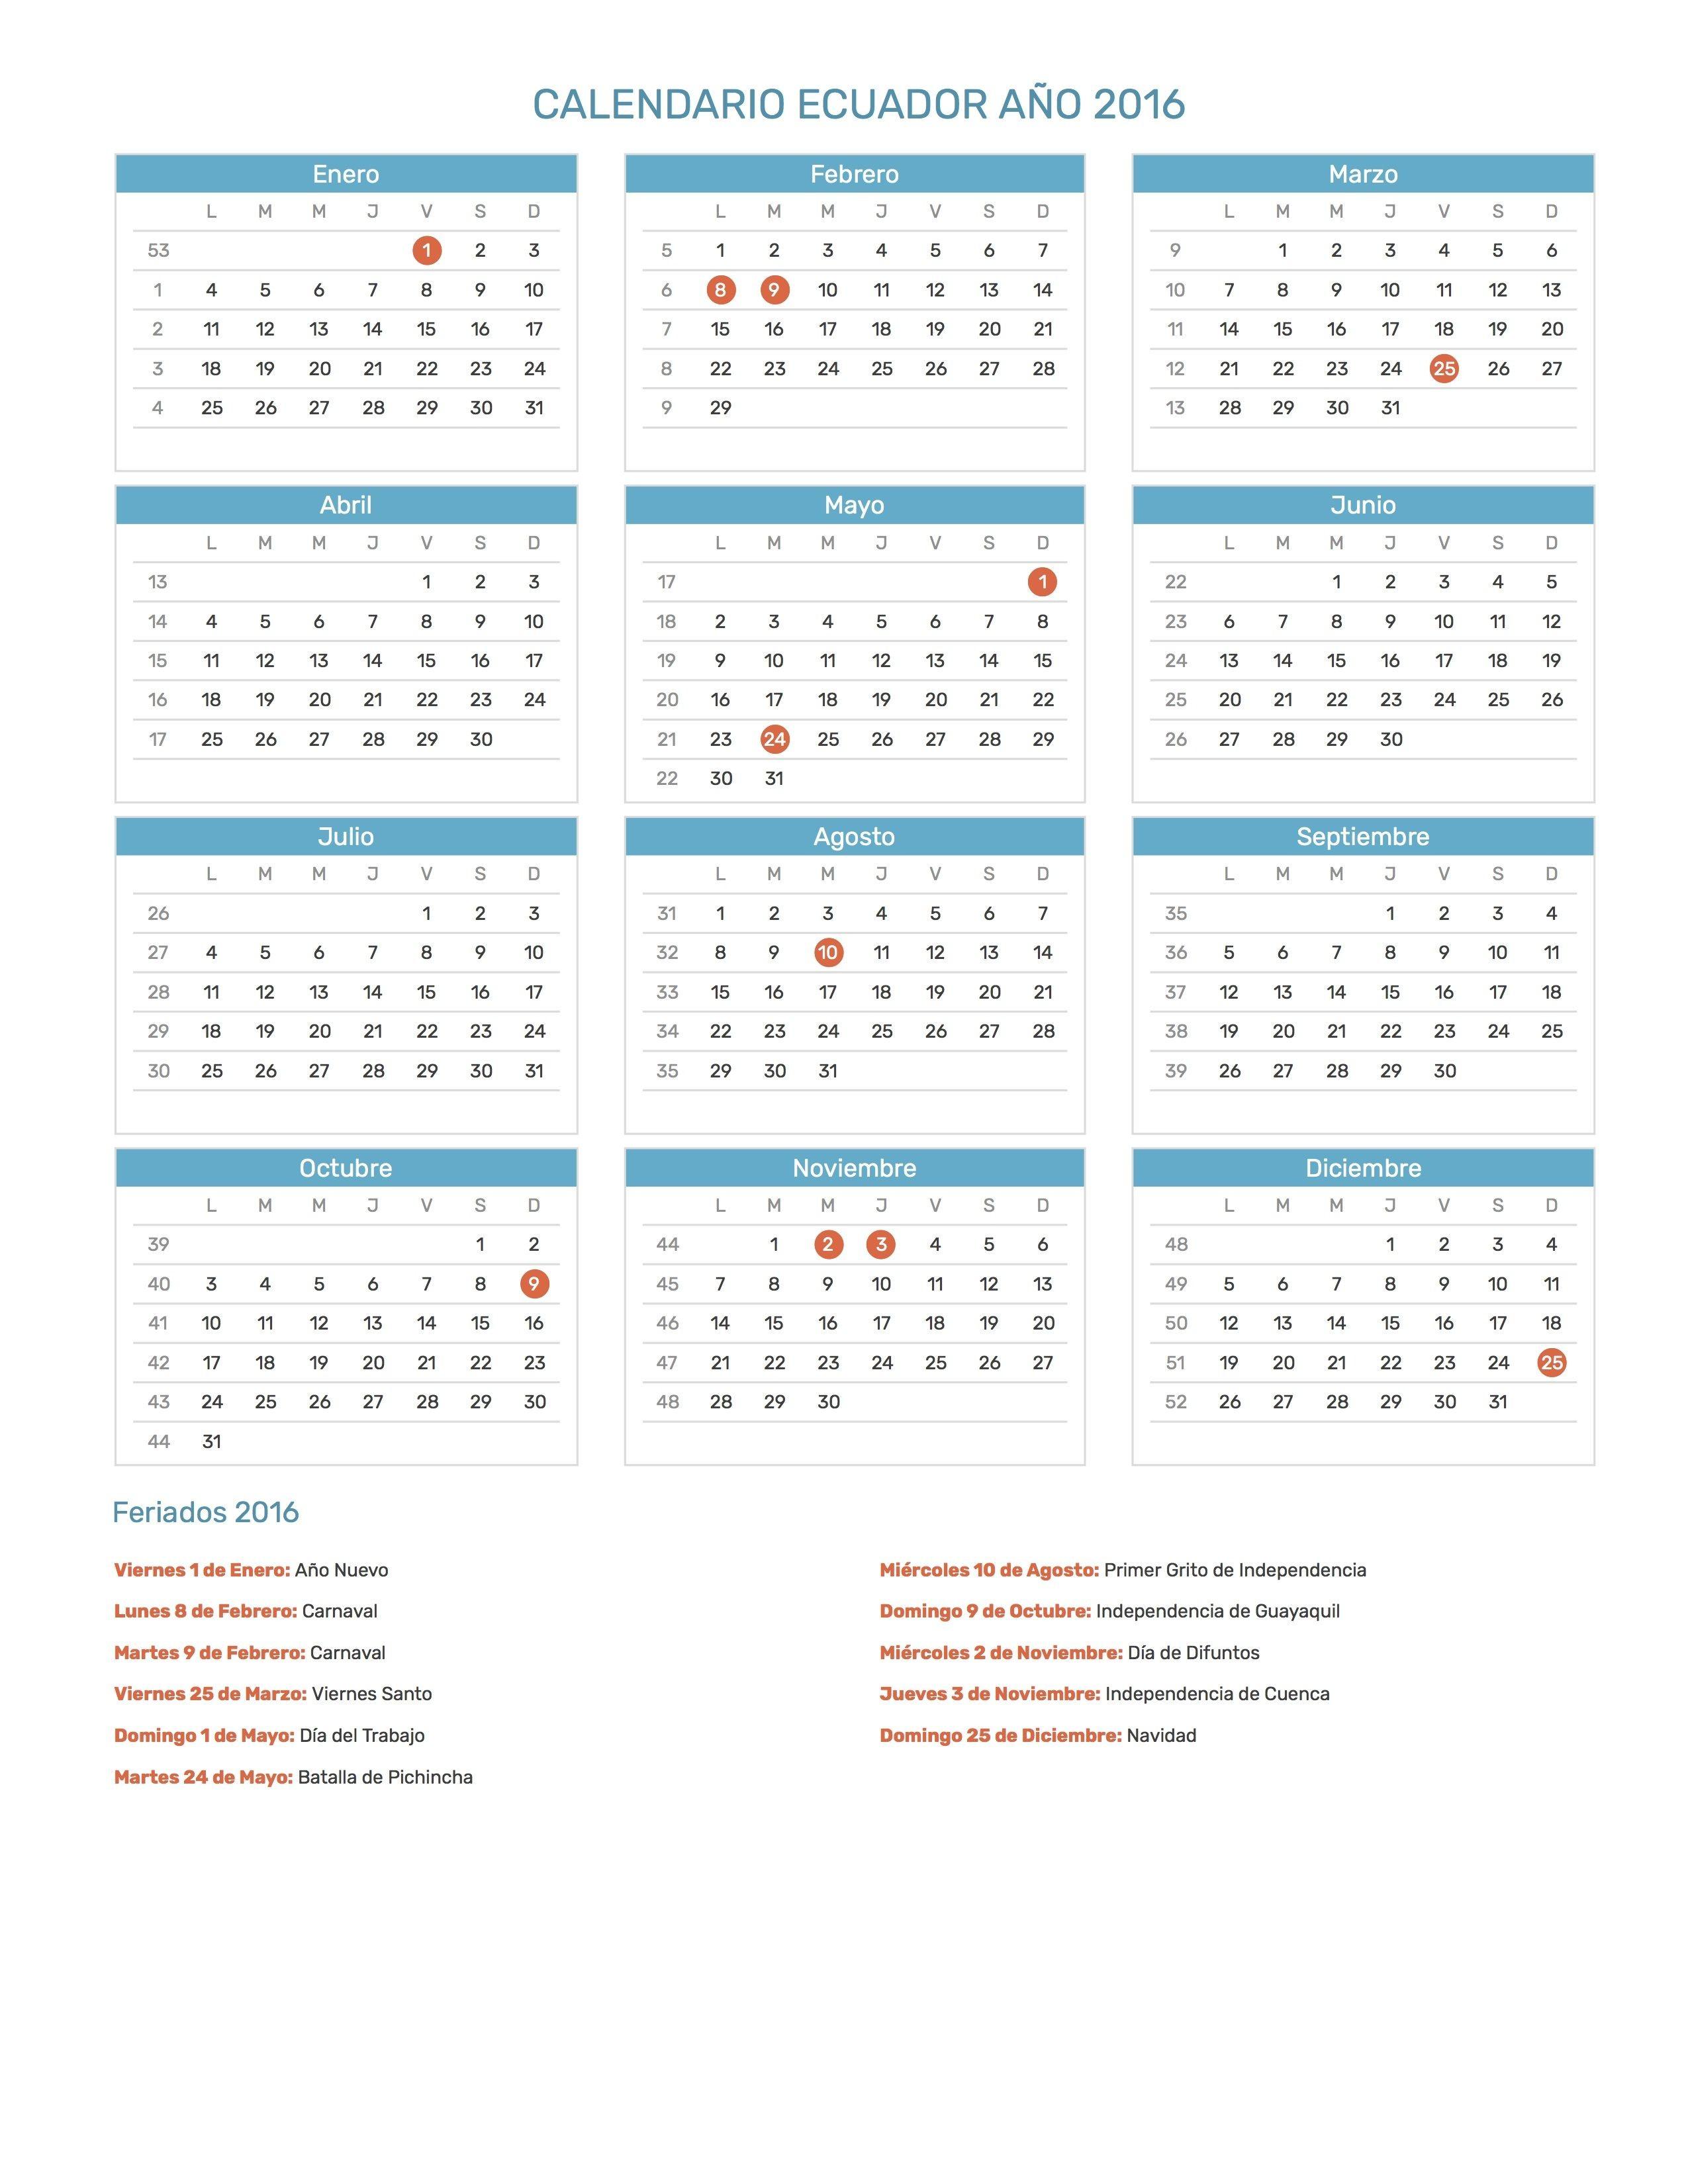 Das Festivos Repºblica Dominicana El Salvador Versiones Calendario Bolivia Venezuela